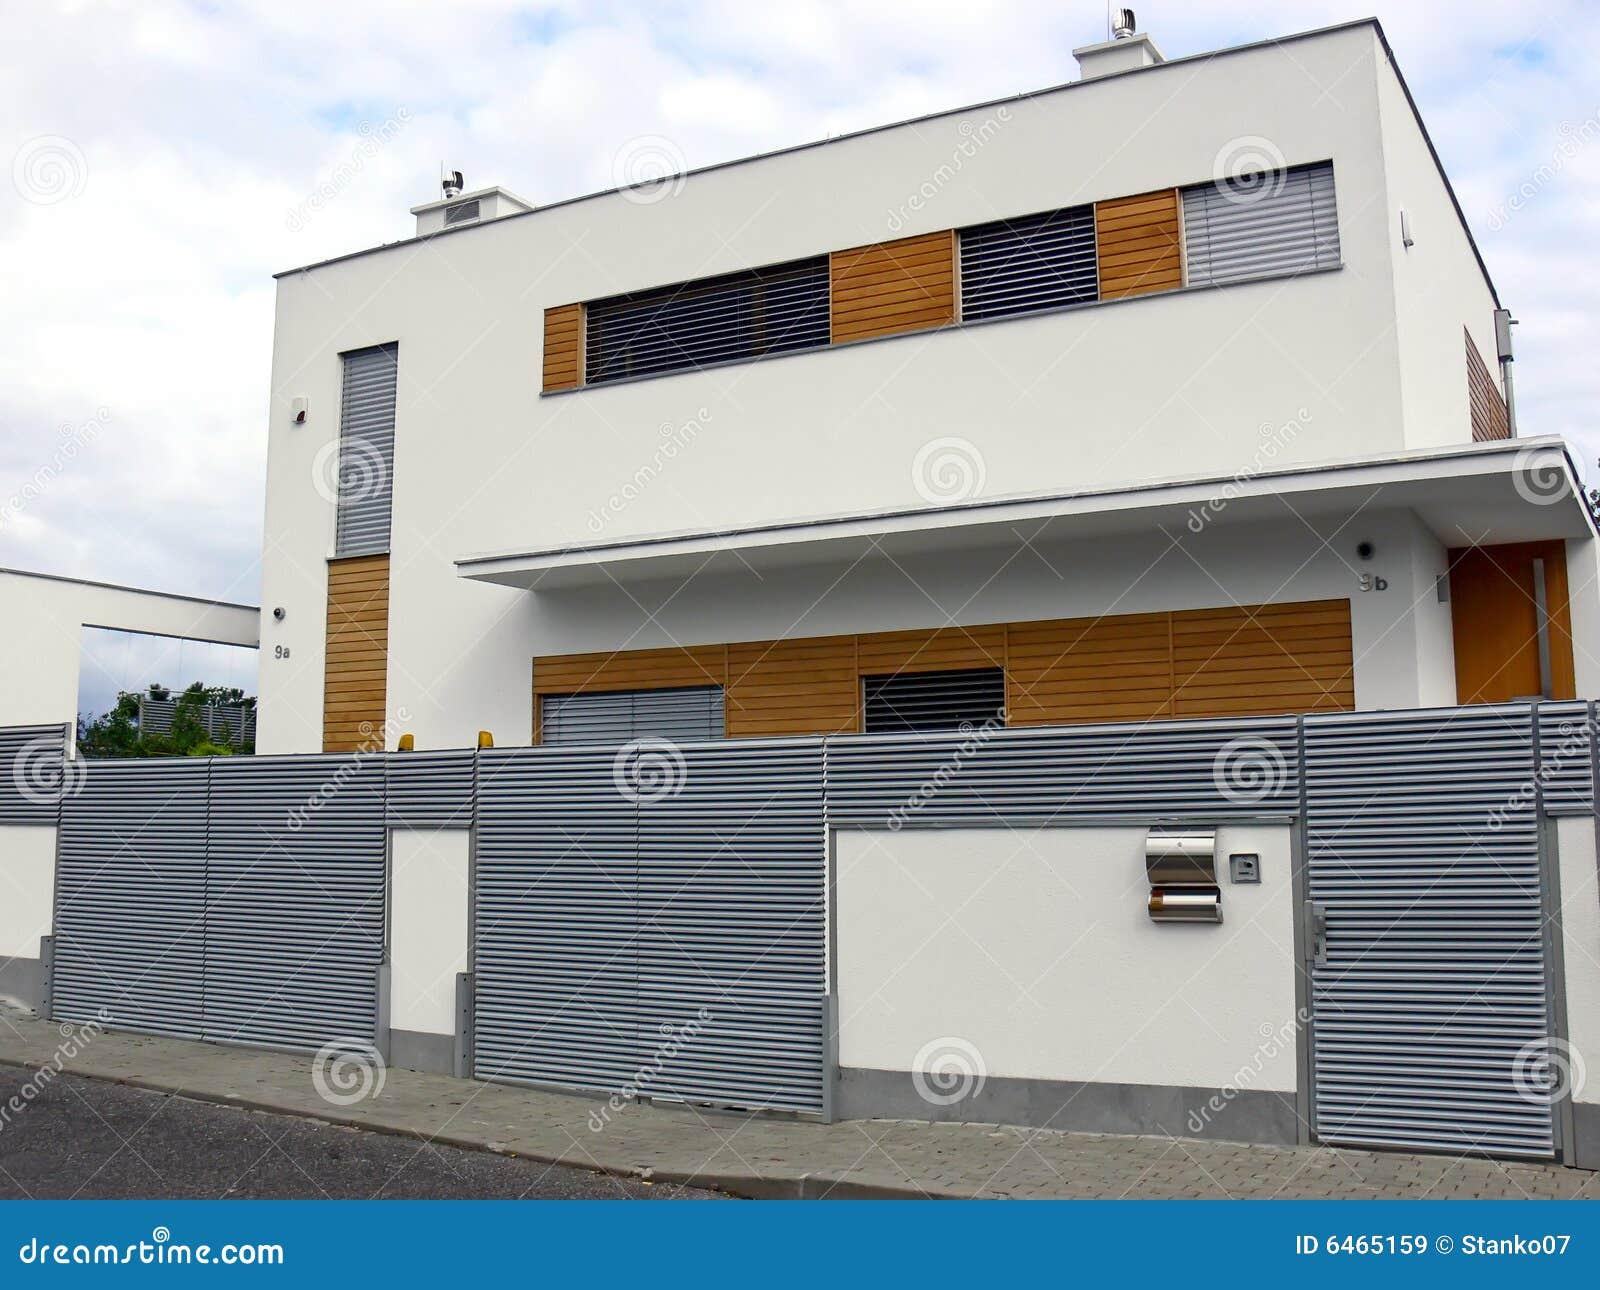 Modernes haus stockbild bild von gemalt dach zaun for Modernes haus zaun